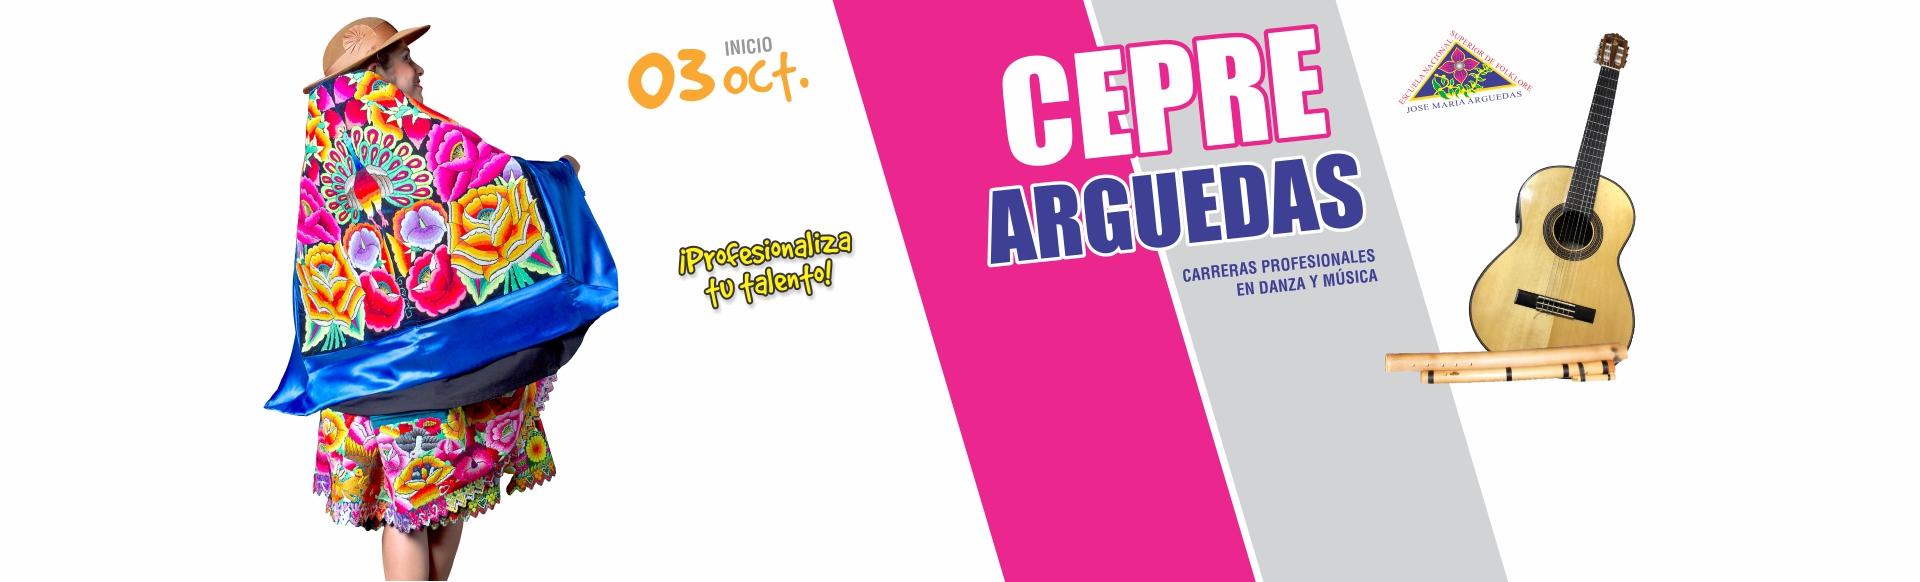 cepre2017-ii